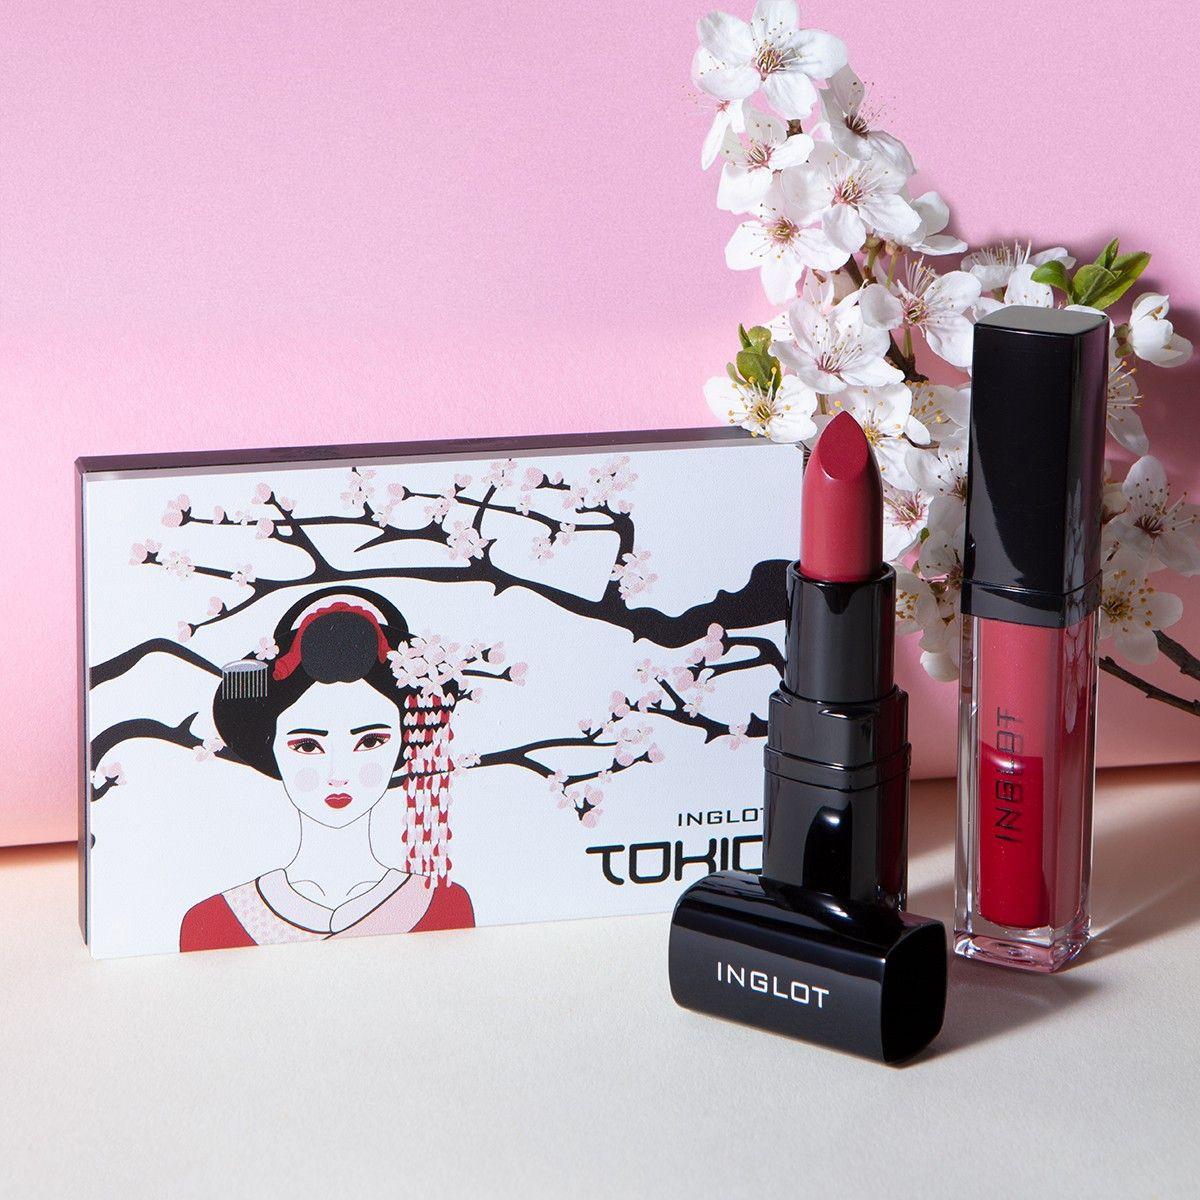 Cseresznyefaviragzás! Tokio kollekció